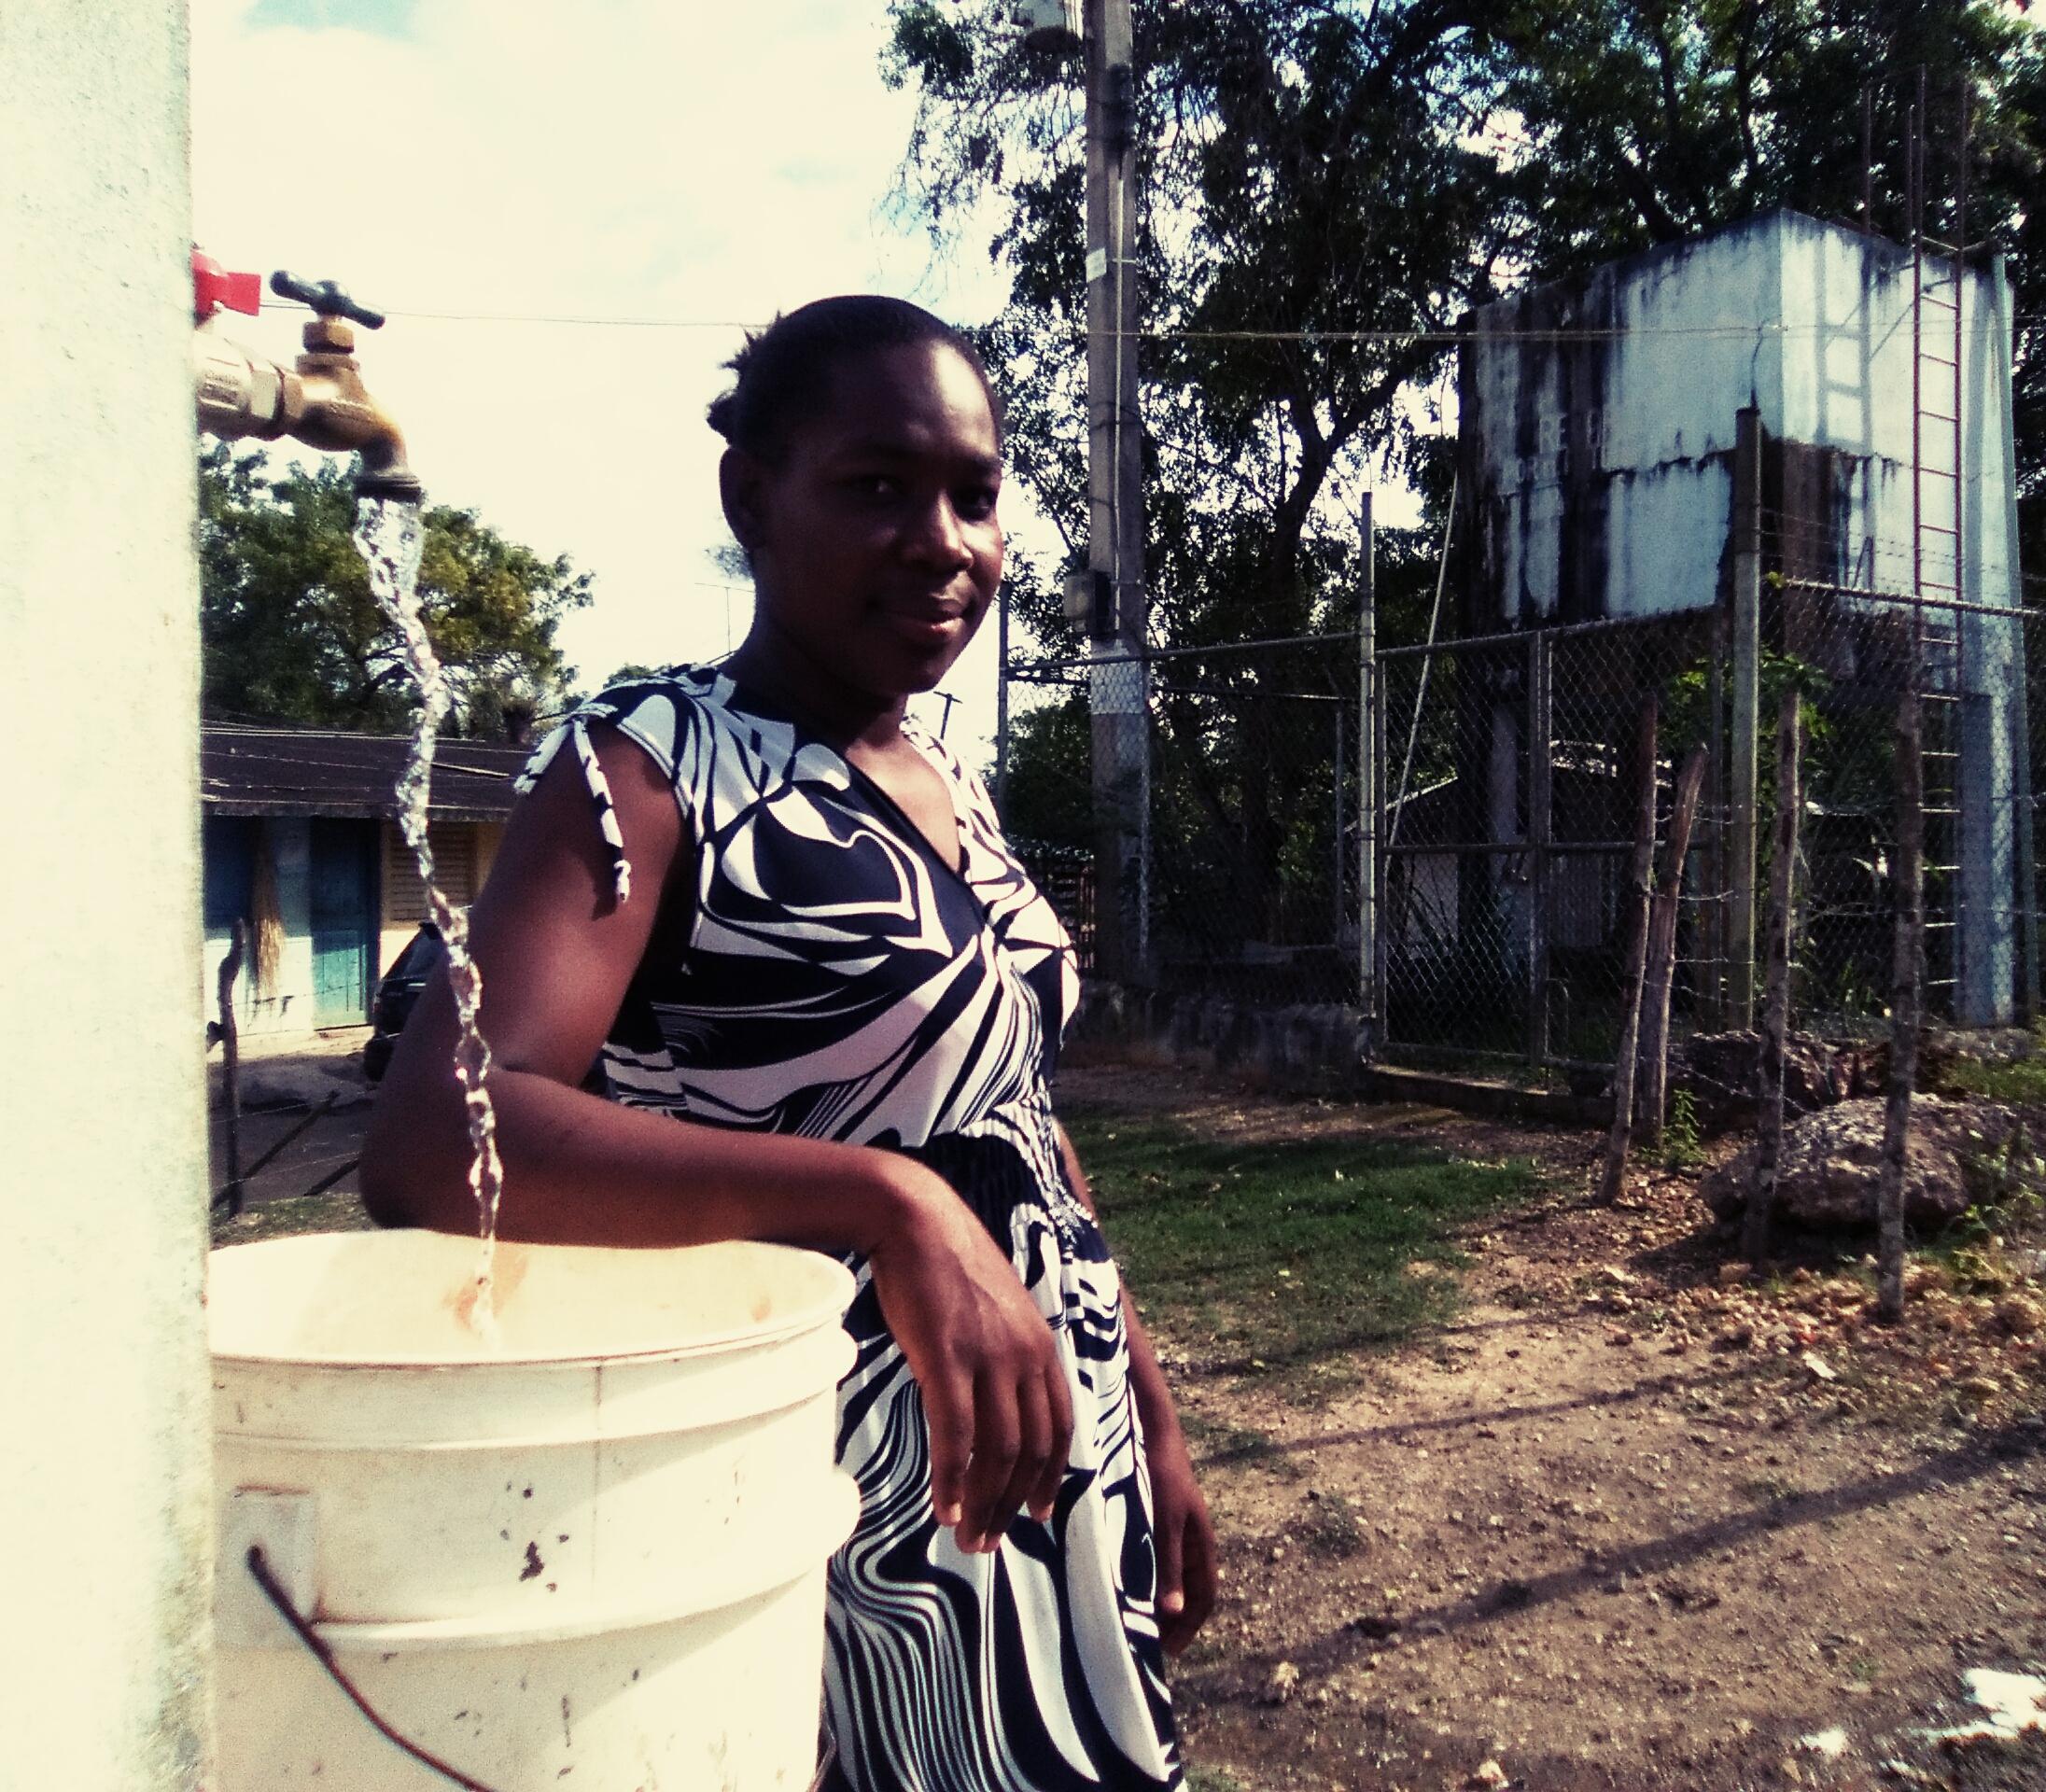 La antigua estructura para llevar agua a los hogares de esta comunidad era insuficiente y estaba en mal estado